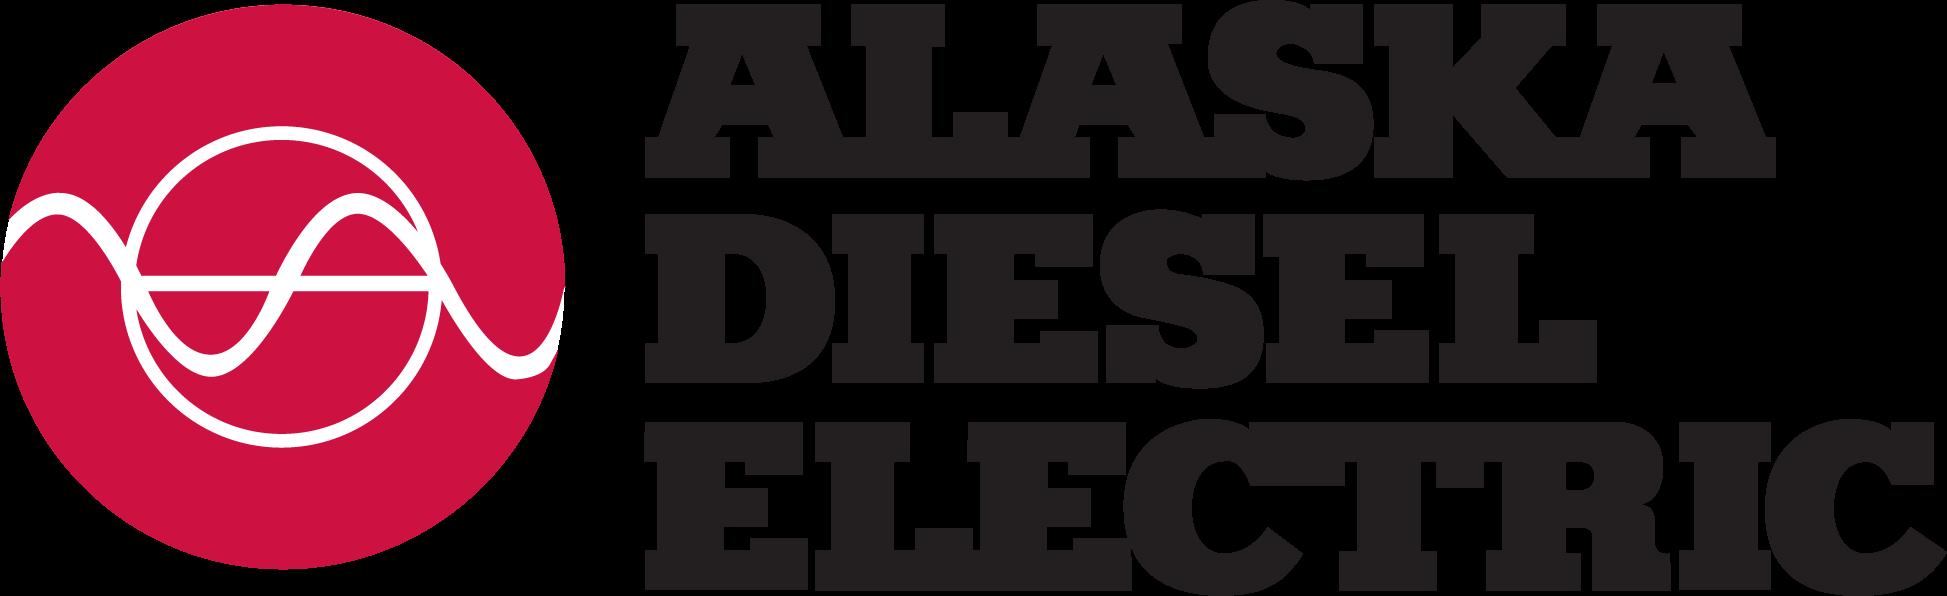 ALASKA DIESEL ELECTRIC